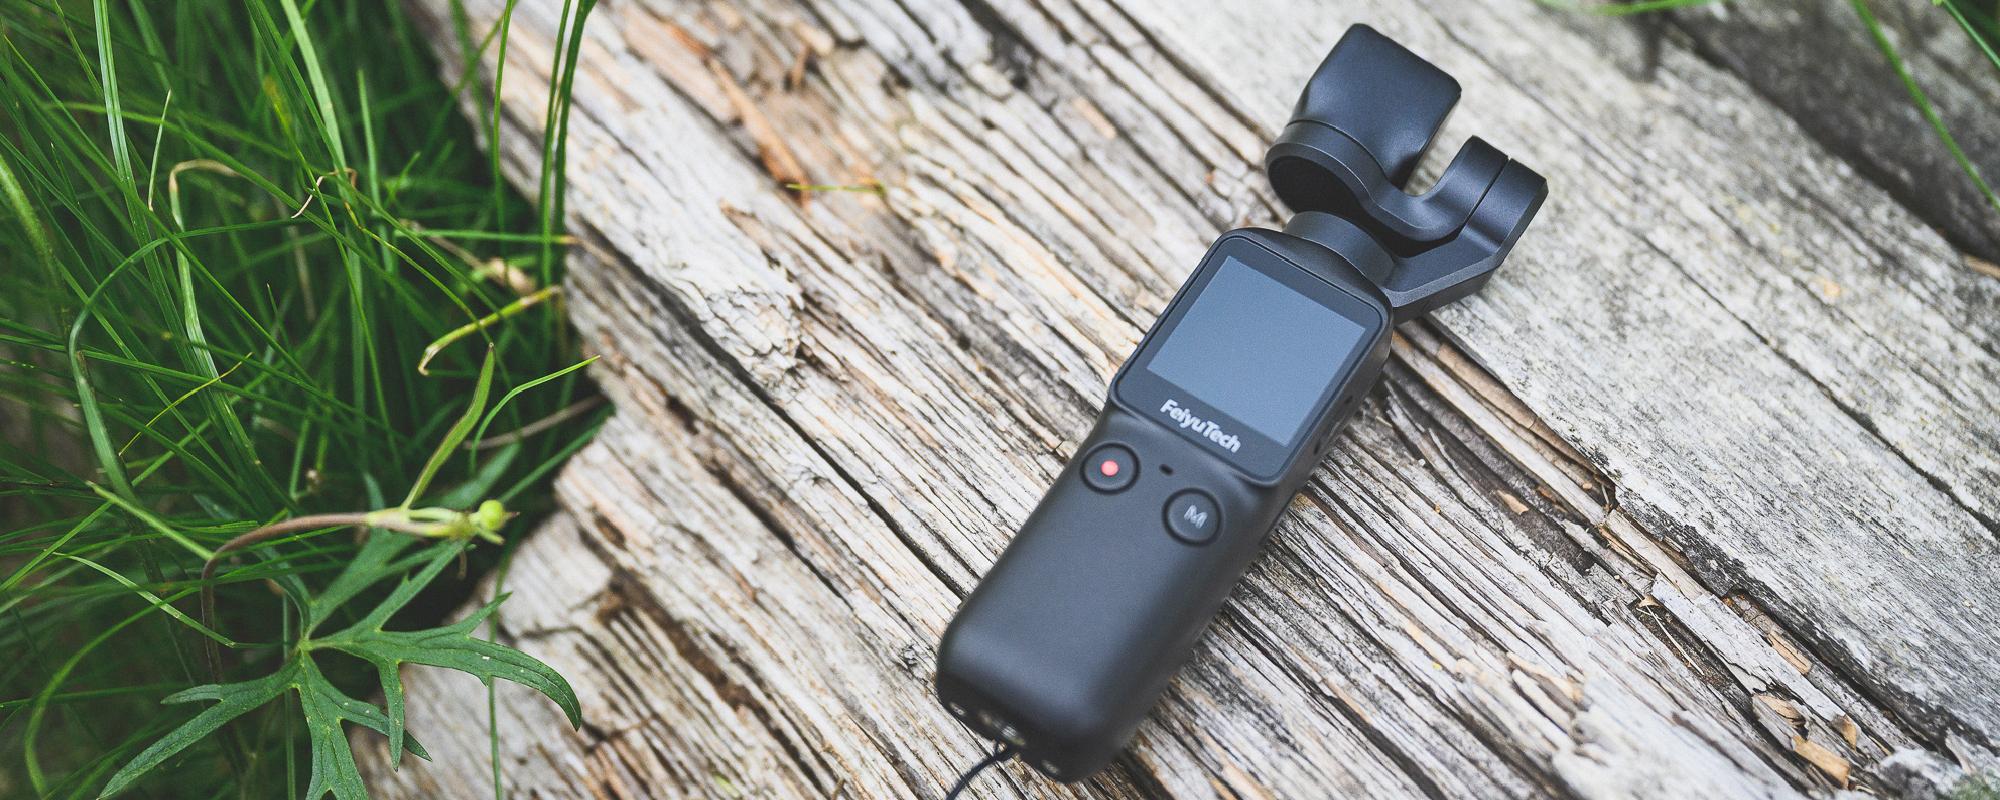 Zdjęcie pokazujące kamerę na drewnianym pniu - Kamera FeiyuTech Feiyu pocket idealnie nada sie na wyprawy w góry